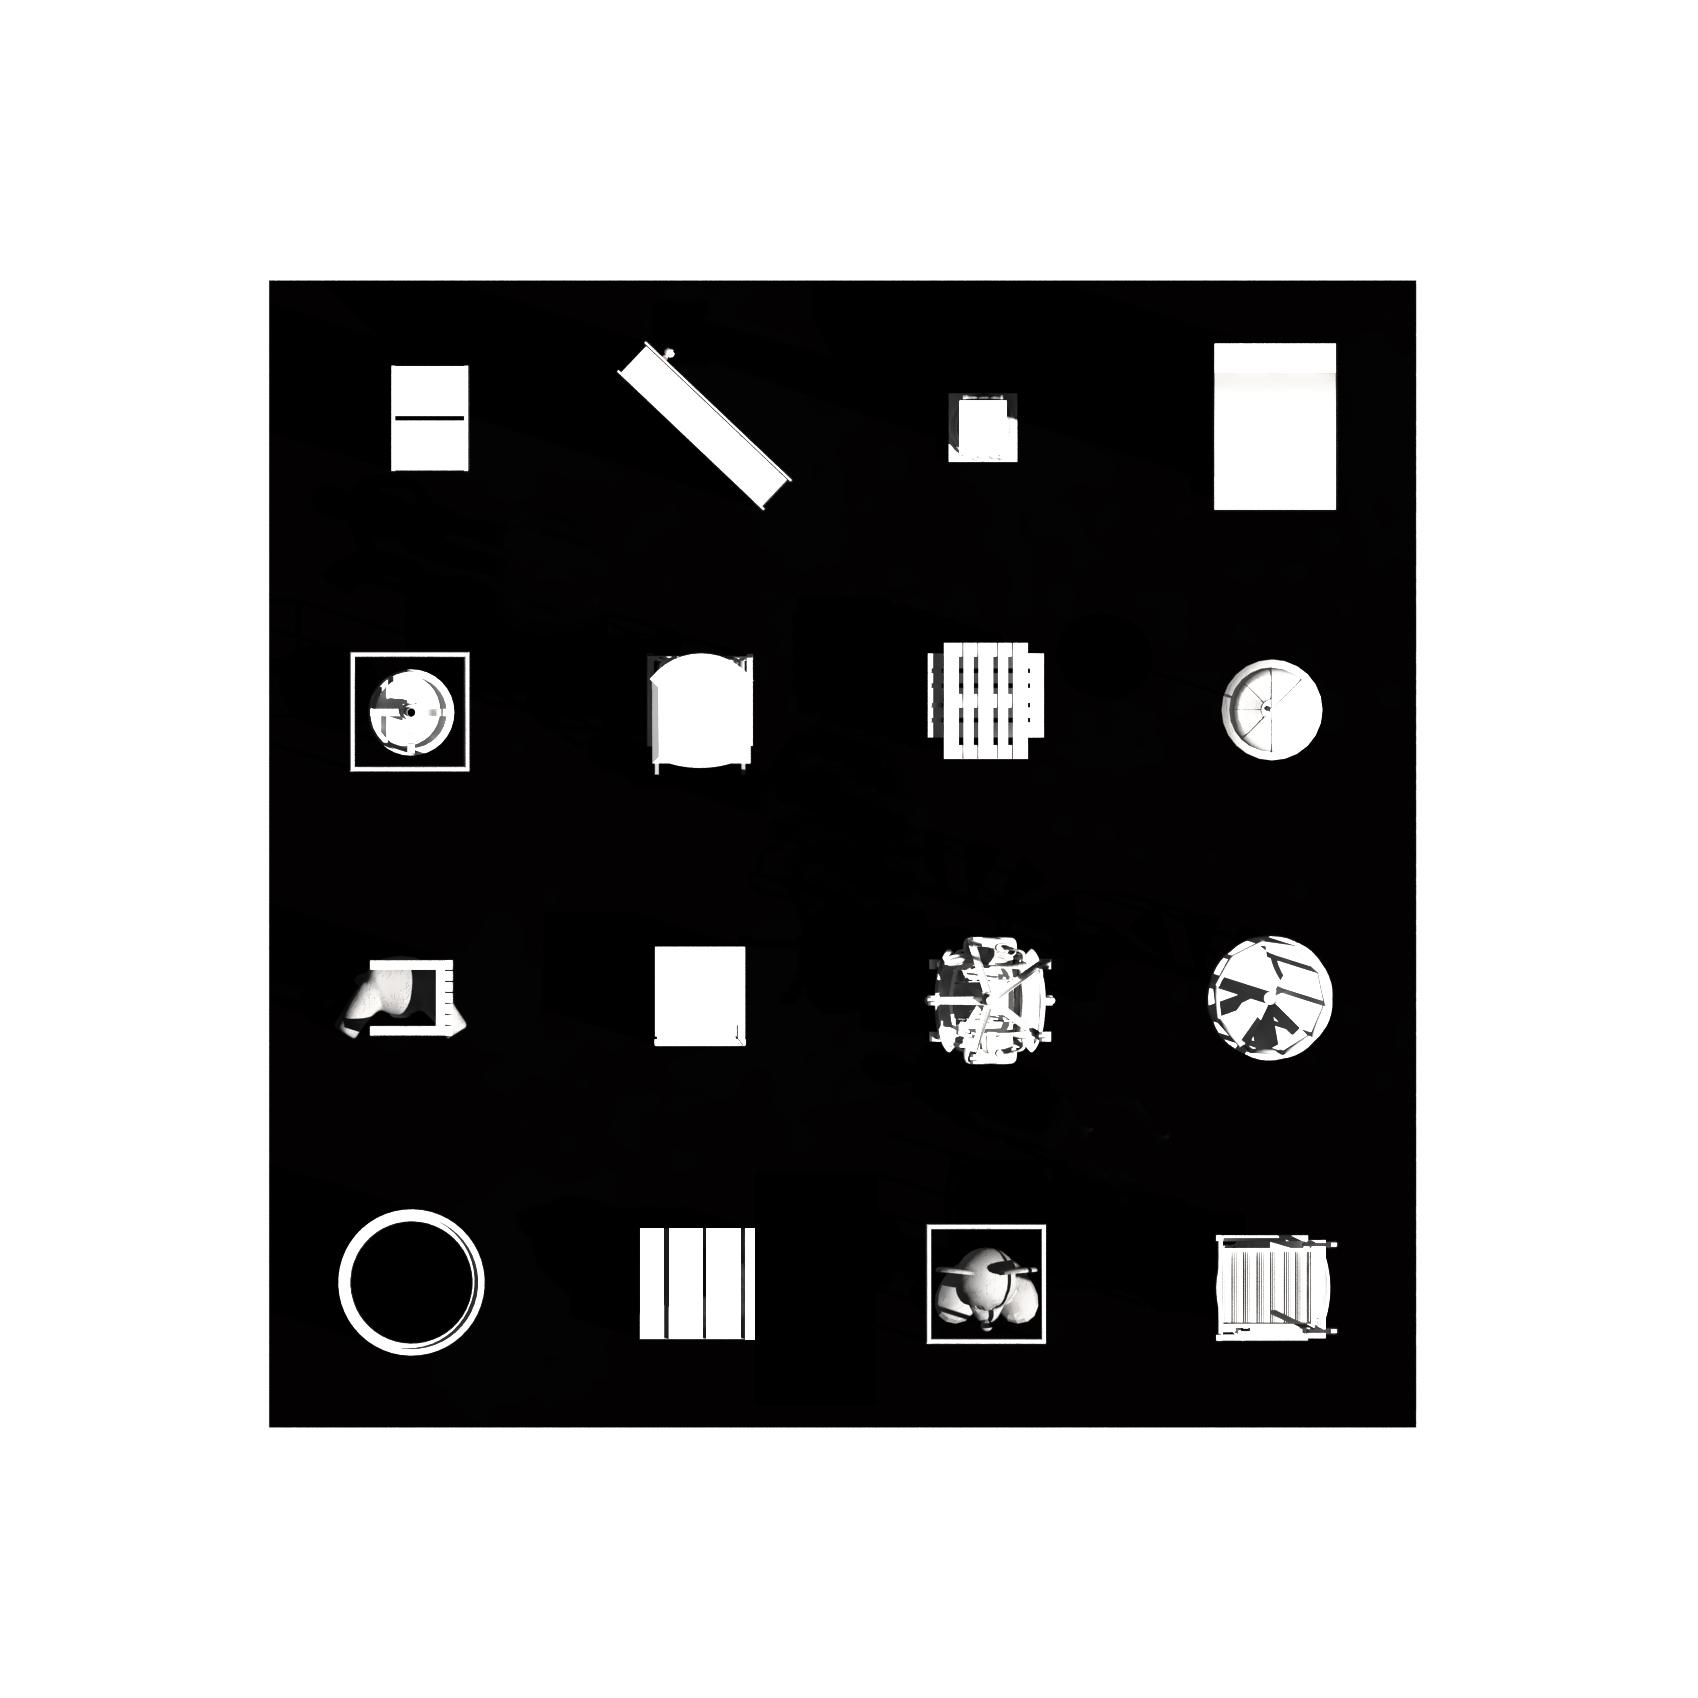 junk_space_plan.jpg